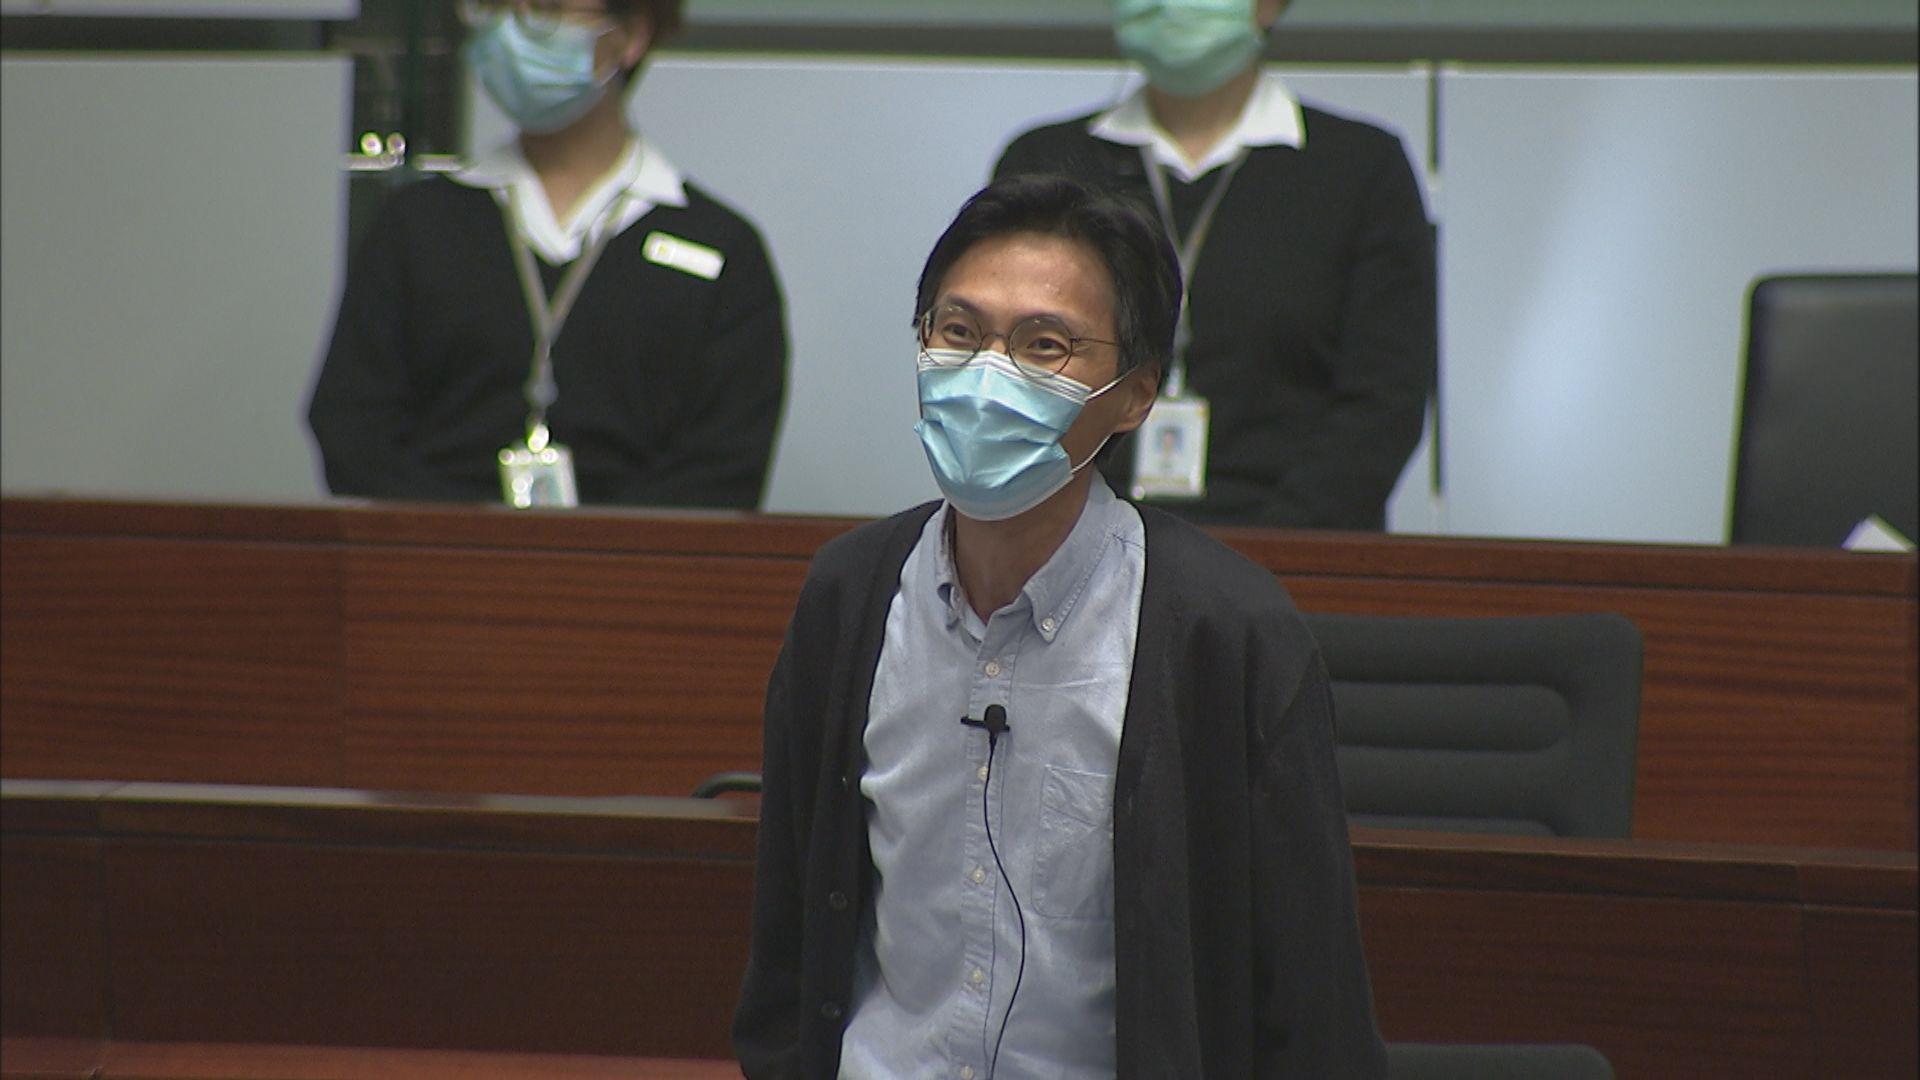 多名民主派議員質疑李慧琼無權主持立法會大會